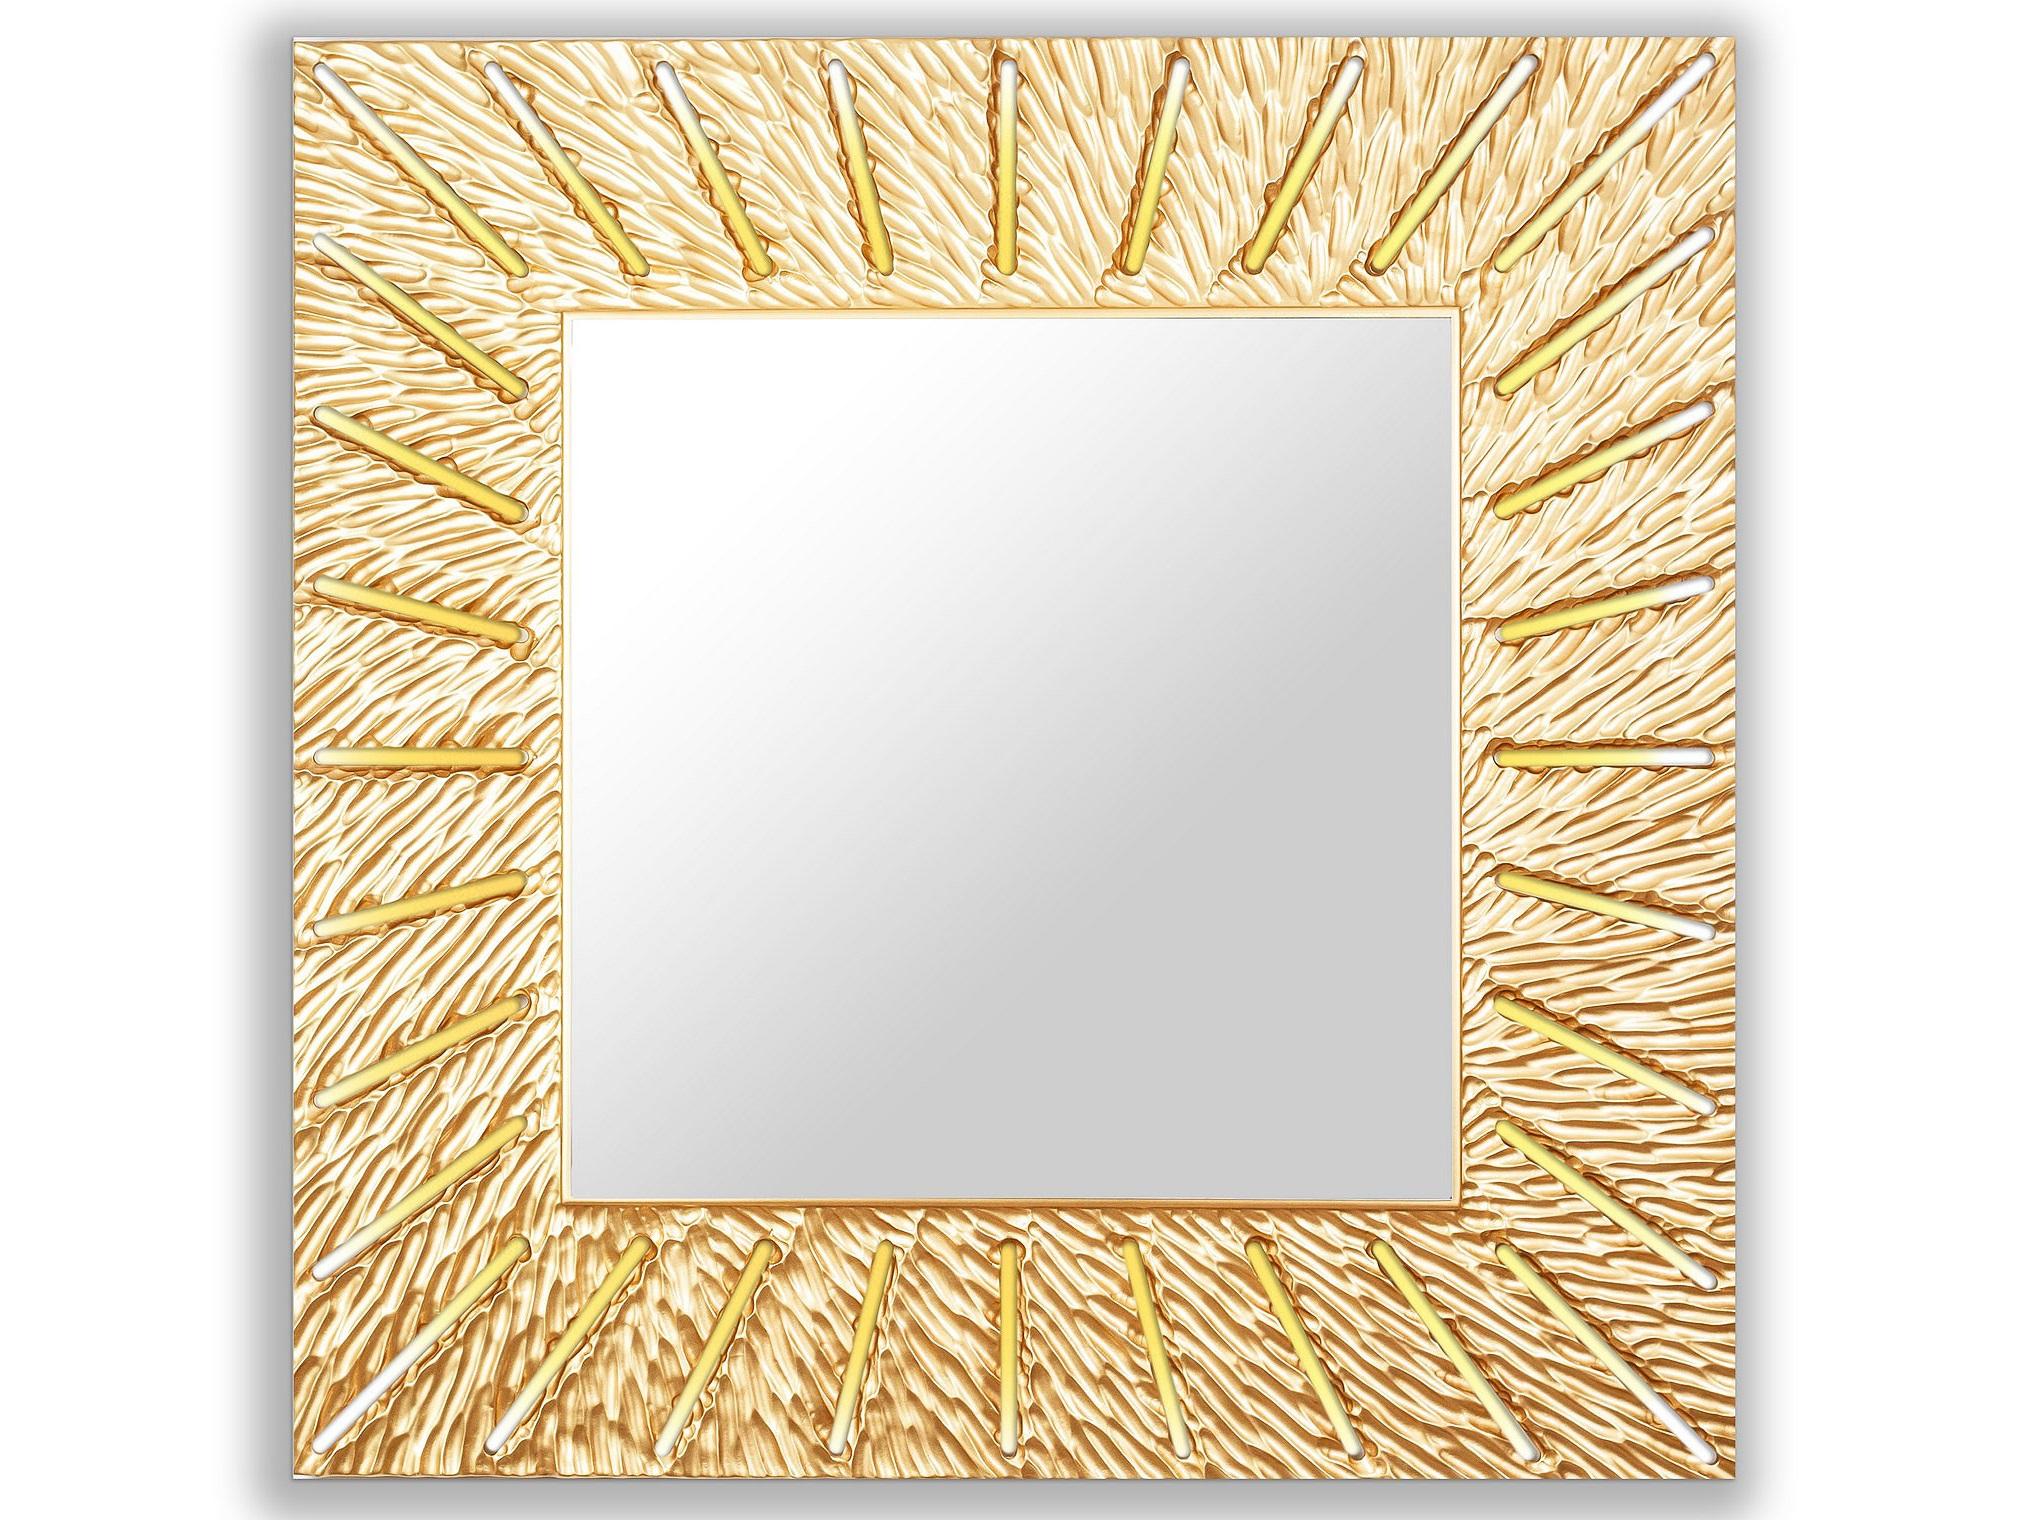 SunshineНастенные зеркала<br>С лучами солнца в дом приходят радость и веселье. Распахните жизнь им навстречу, чтобы каждый день приносил удачу.<br>                Описание: Форма квадратная, вес 7 кг, 4 светодиодные лампочки, Натуральный древестный материал высокого качества, Ручная резка, Толщина изделия 7см.&amp;lt;div&amp;gt;&amp;lt;br&amp;gt;&amp;lt;/div&amp;gt;&amp;lt;div&amp;gt;&amp;lt;p class=&amp;quot;MsoNormal&amp;quot;&amp;gt;Товарное предложение оснащено светодиодной подсветкой.&amp;lt;o:p&amp;gt;&amp;lt;/o:p&amp;gt;&amp;lt;/p&amp;gt;&amp;lt;/div&amp;gt;<br><br>Material: Дерево<br>Ширина см: 90.0<br>Высота см: 90.0<br>Глубина см: 1.0